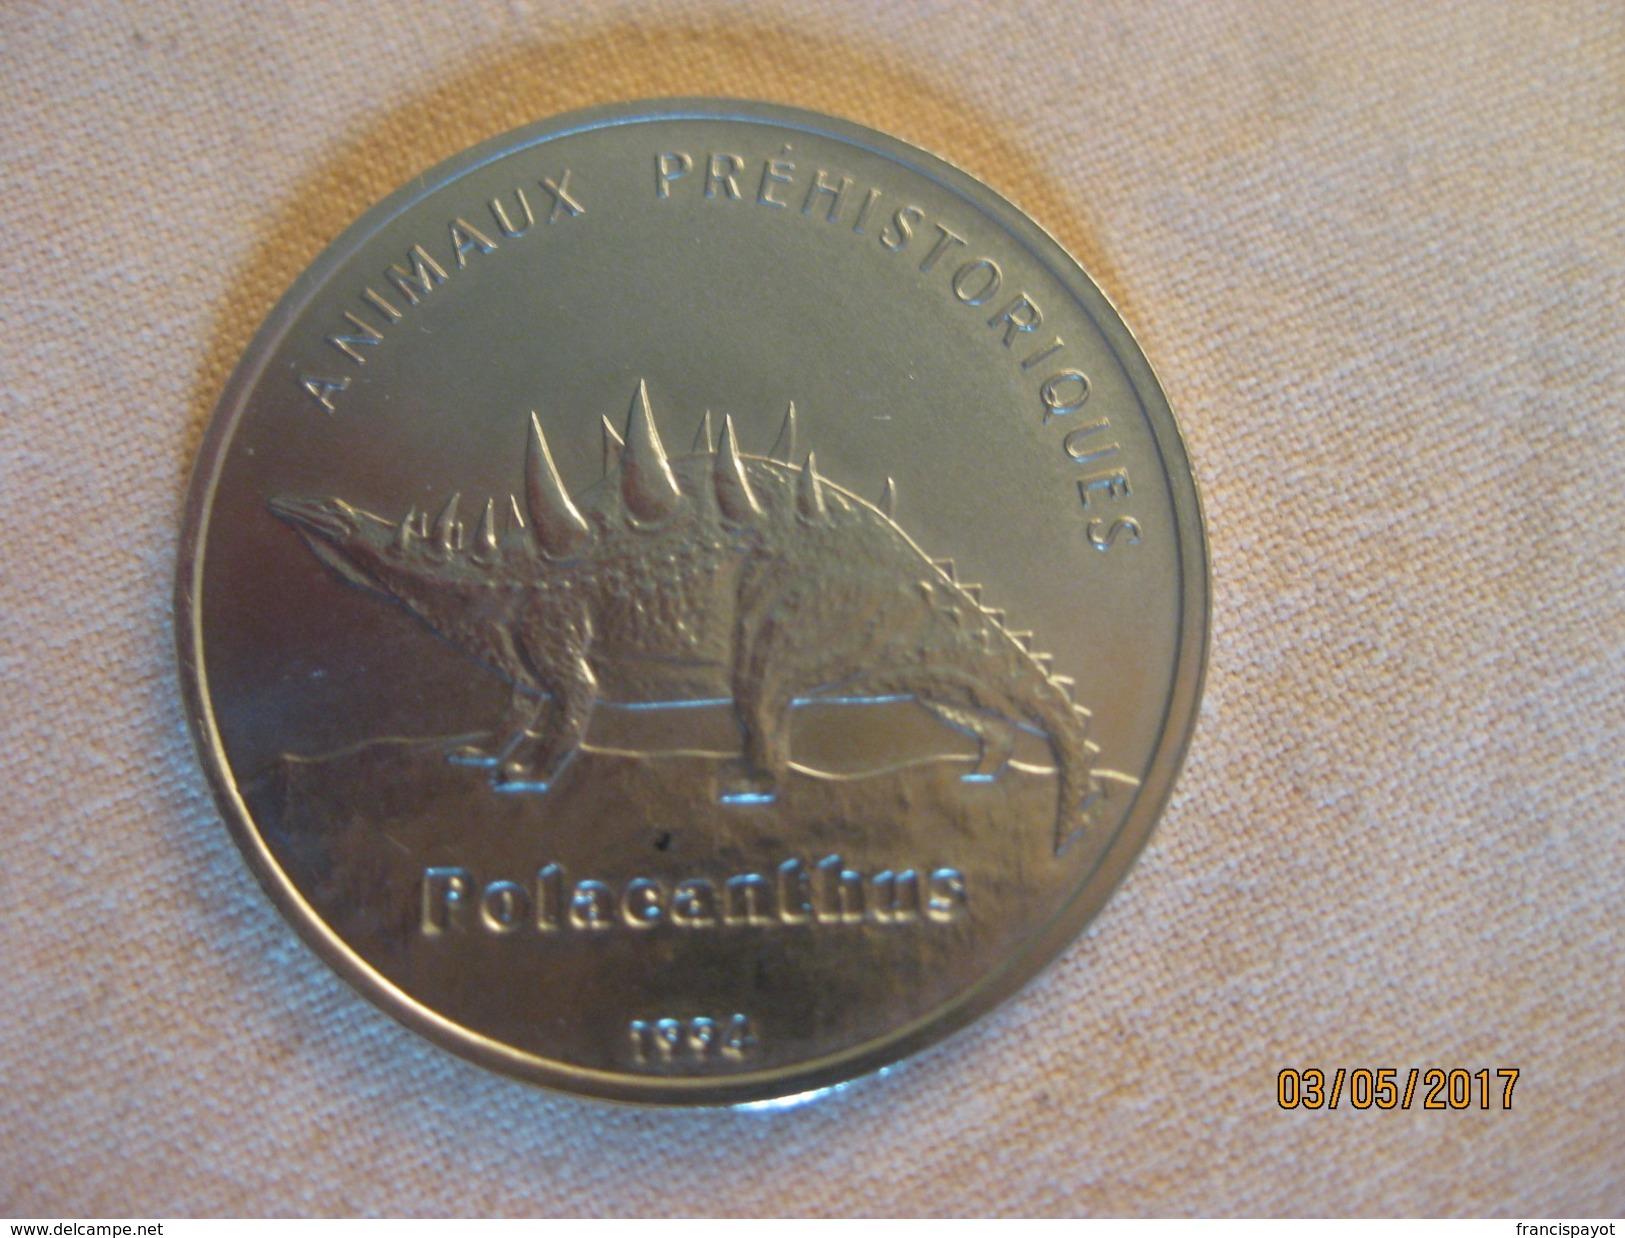 Congo-Brazzaville: 100 Francs 1994 (polacanthus) - Congo (Republic 1960)